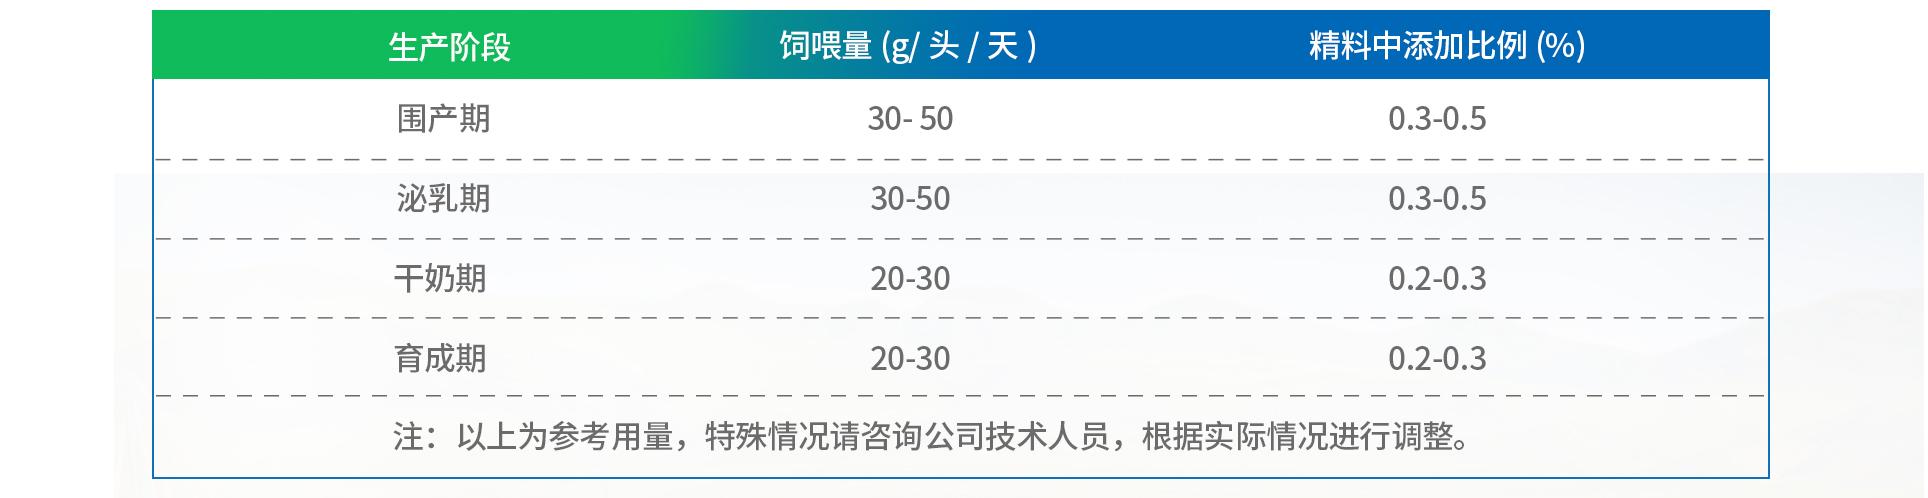 奕多灵--高活性酵母培养物(初稿)_14.jpg